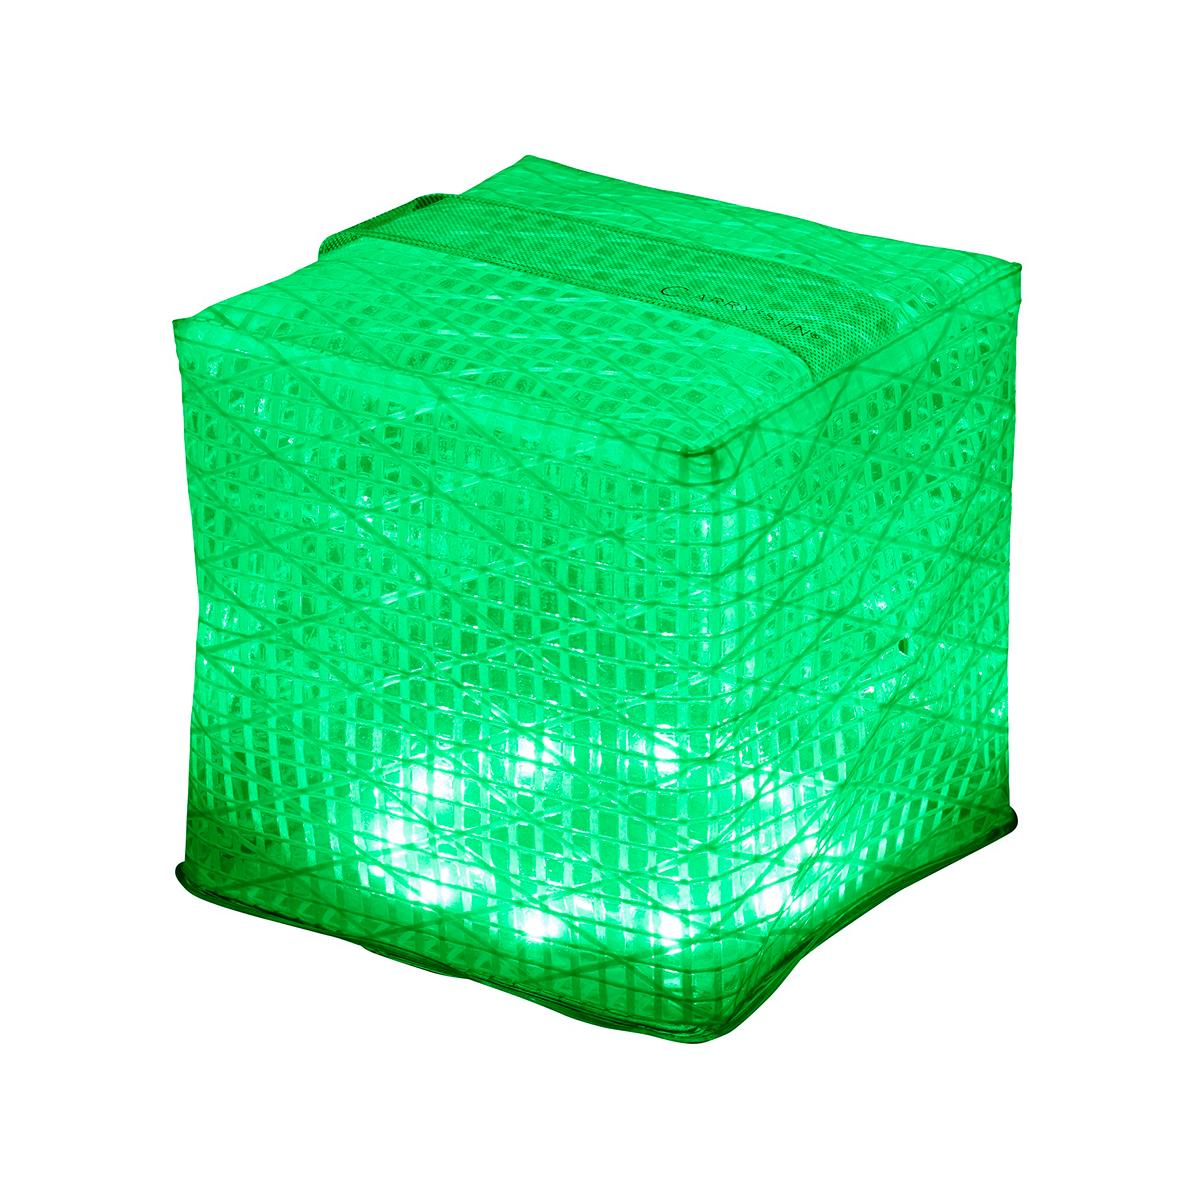 直射日光が当る場所に、置いておくだけで充電できて長時間連続点灯ができる。薄さ1.2cmに畳める超軽量ソーラー充電式ライト(ランタン)で、いつも太陽の光がそばに|carry the sun